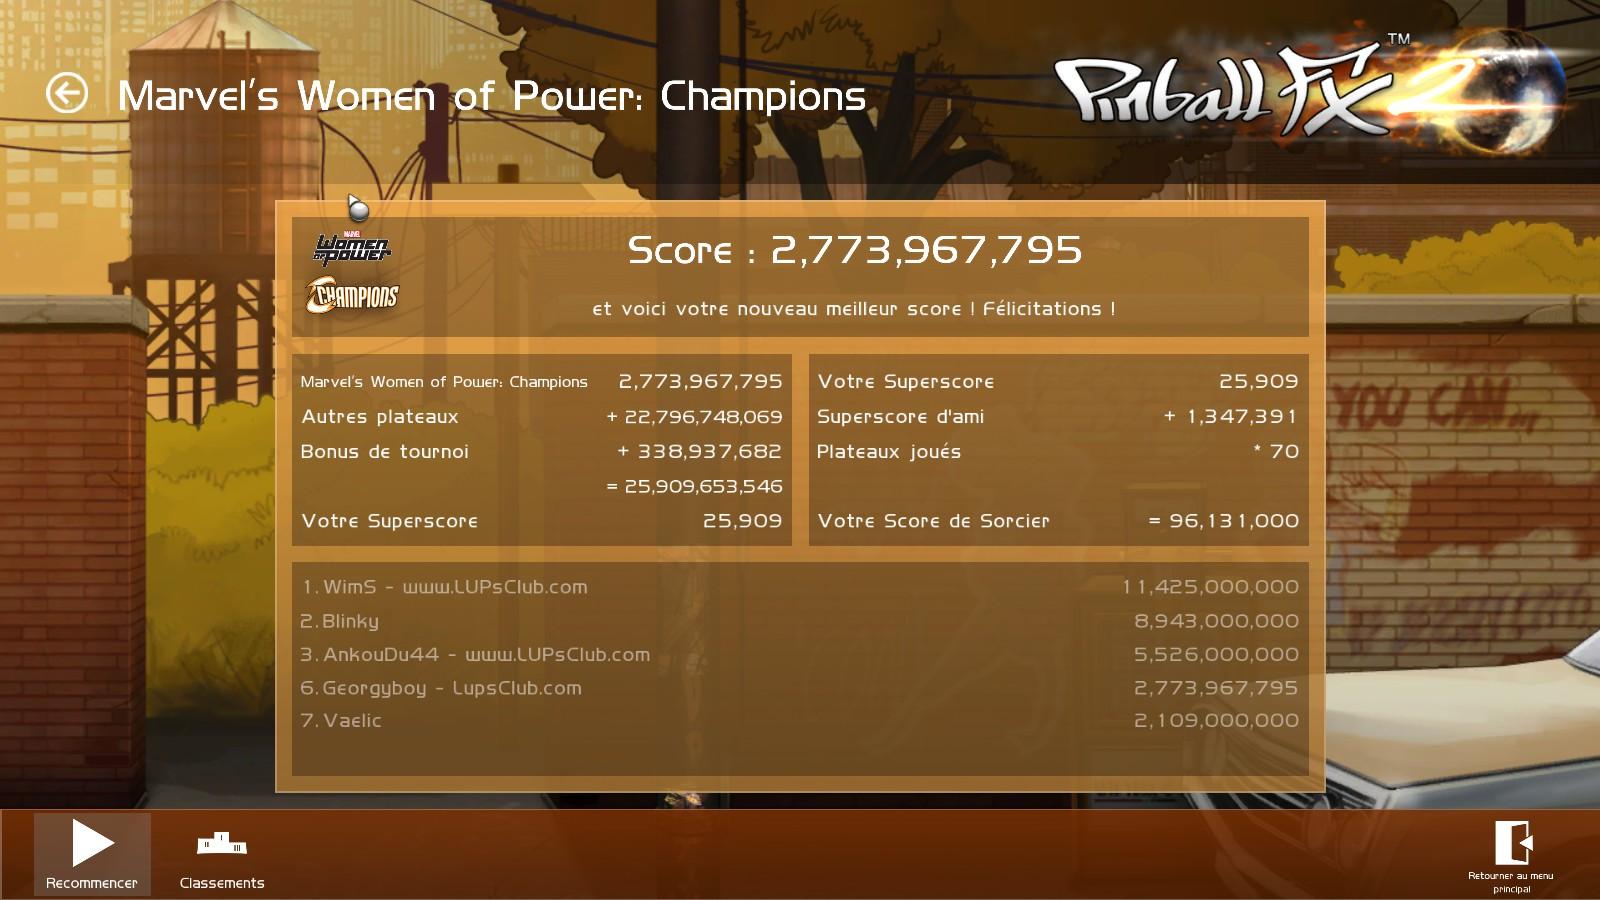 LUP's Club TdM 05.17 : Champions - Page 2 E5E021643B9620DC49F04CCD8B01177D845C36DD